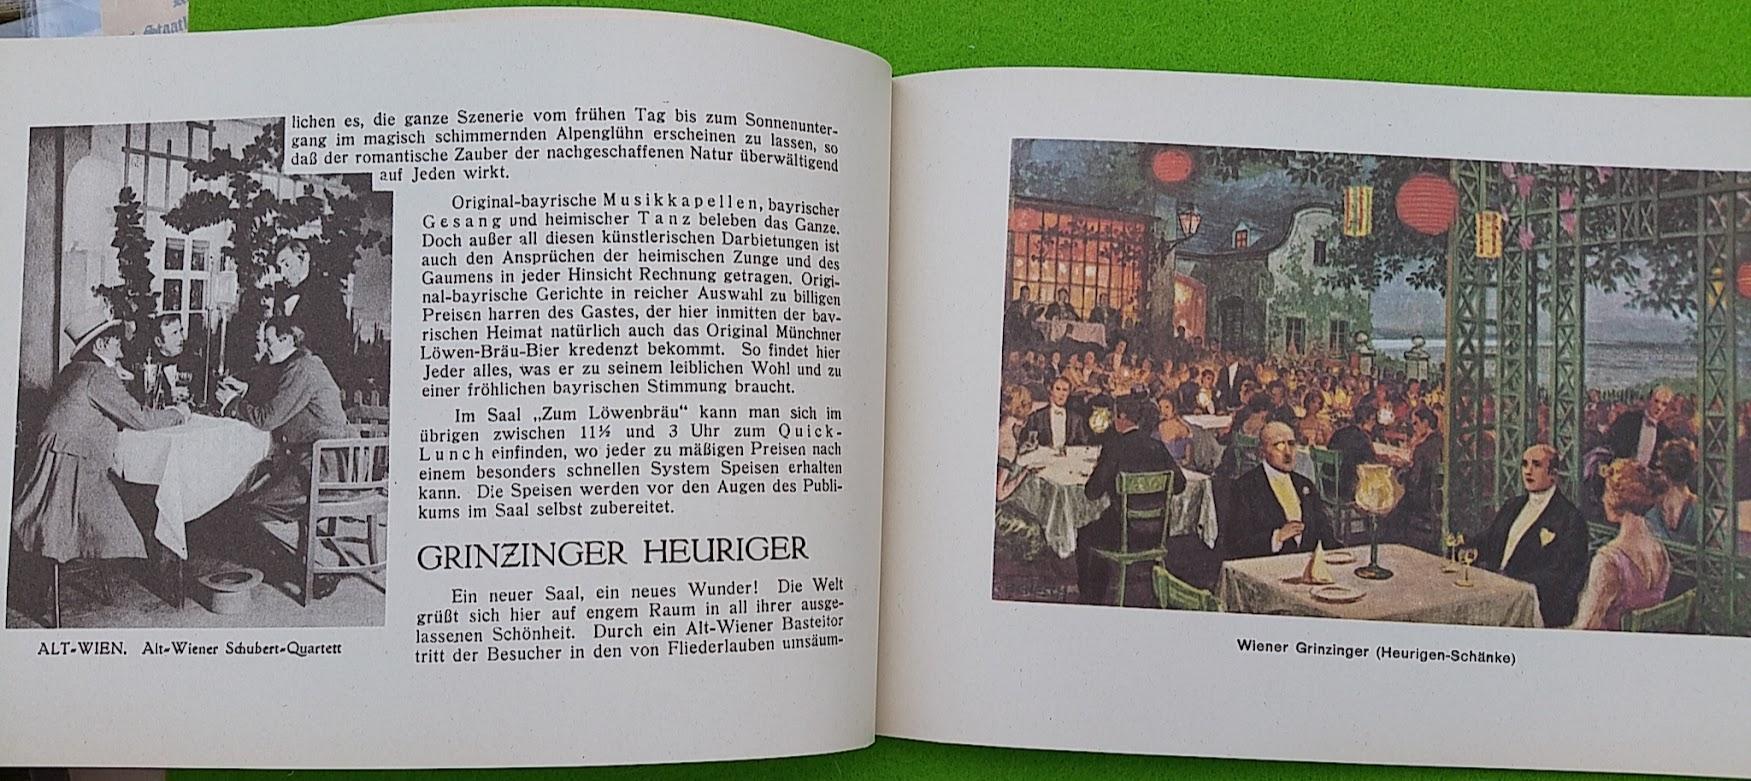 Begleitheft zur Eröffnung von Haus Vaterland am Potsdamer Platz, Berlin, 31. August 1928 - Wiener Grinzinger